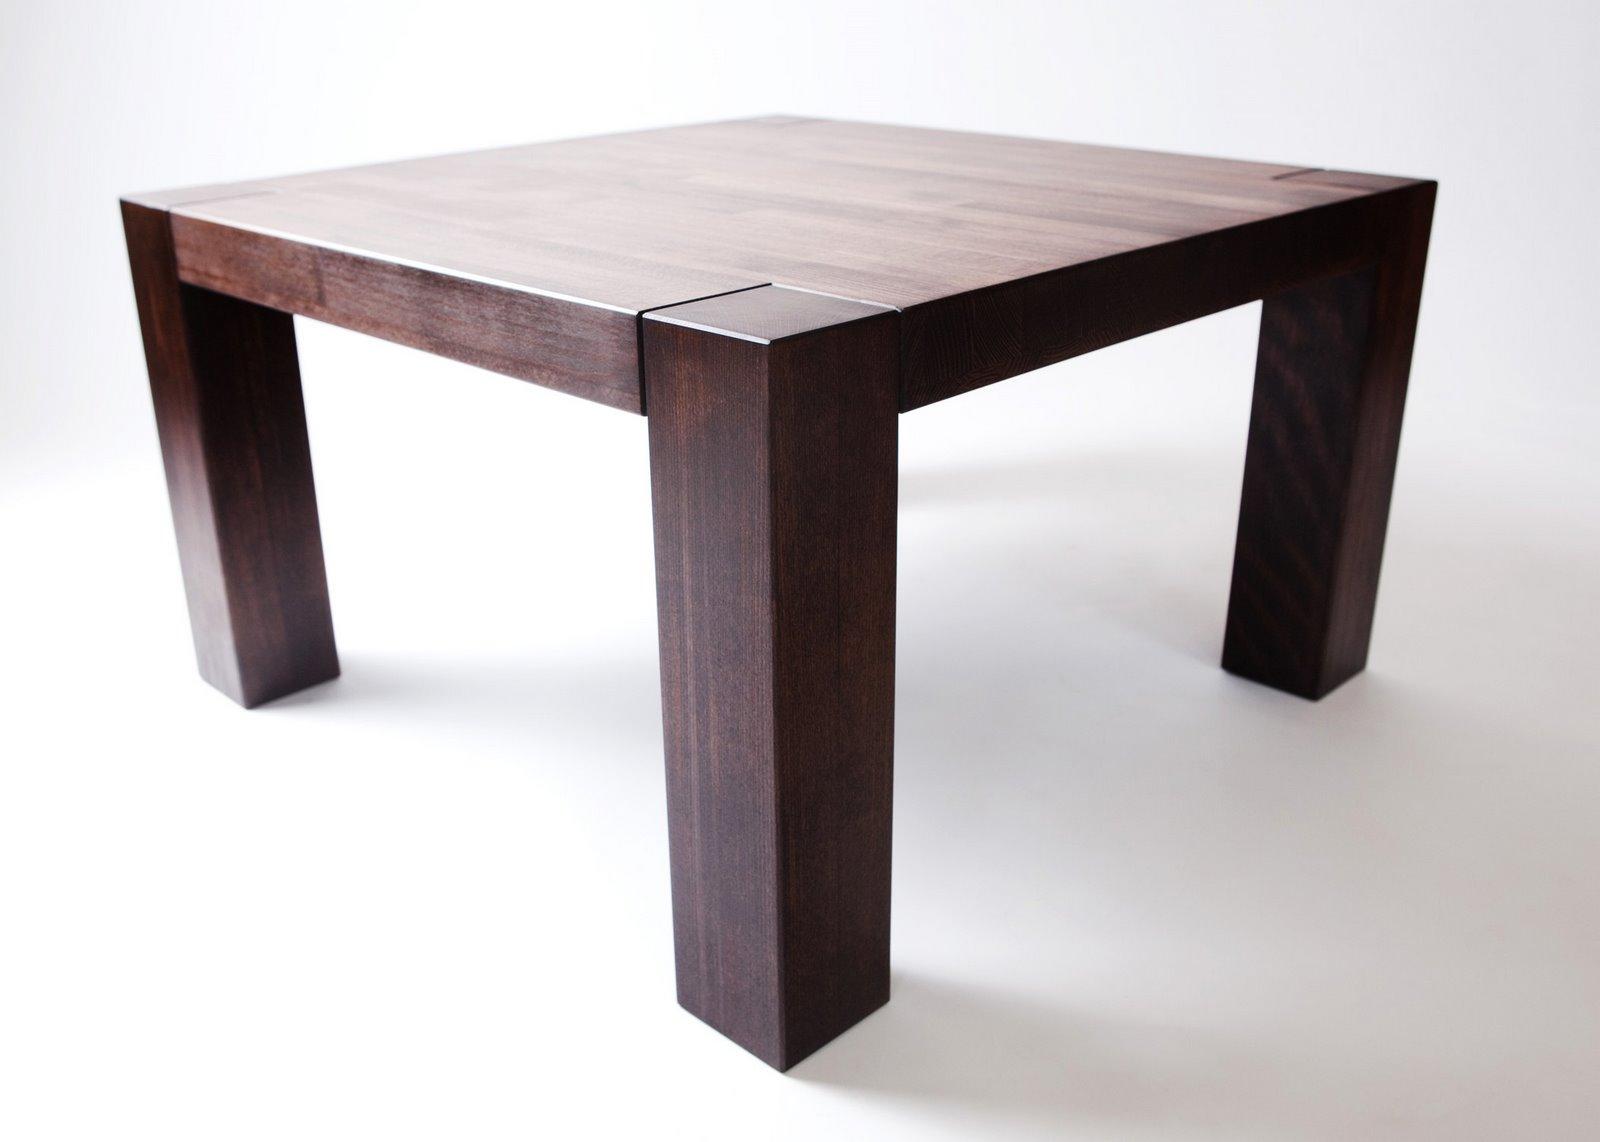 projekte der hofwerkstatt coutschtisch aus buche dunkel gebeizt. Black Bedroom Furniture Sets. Home Design Ideas